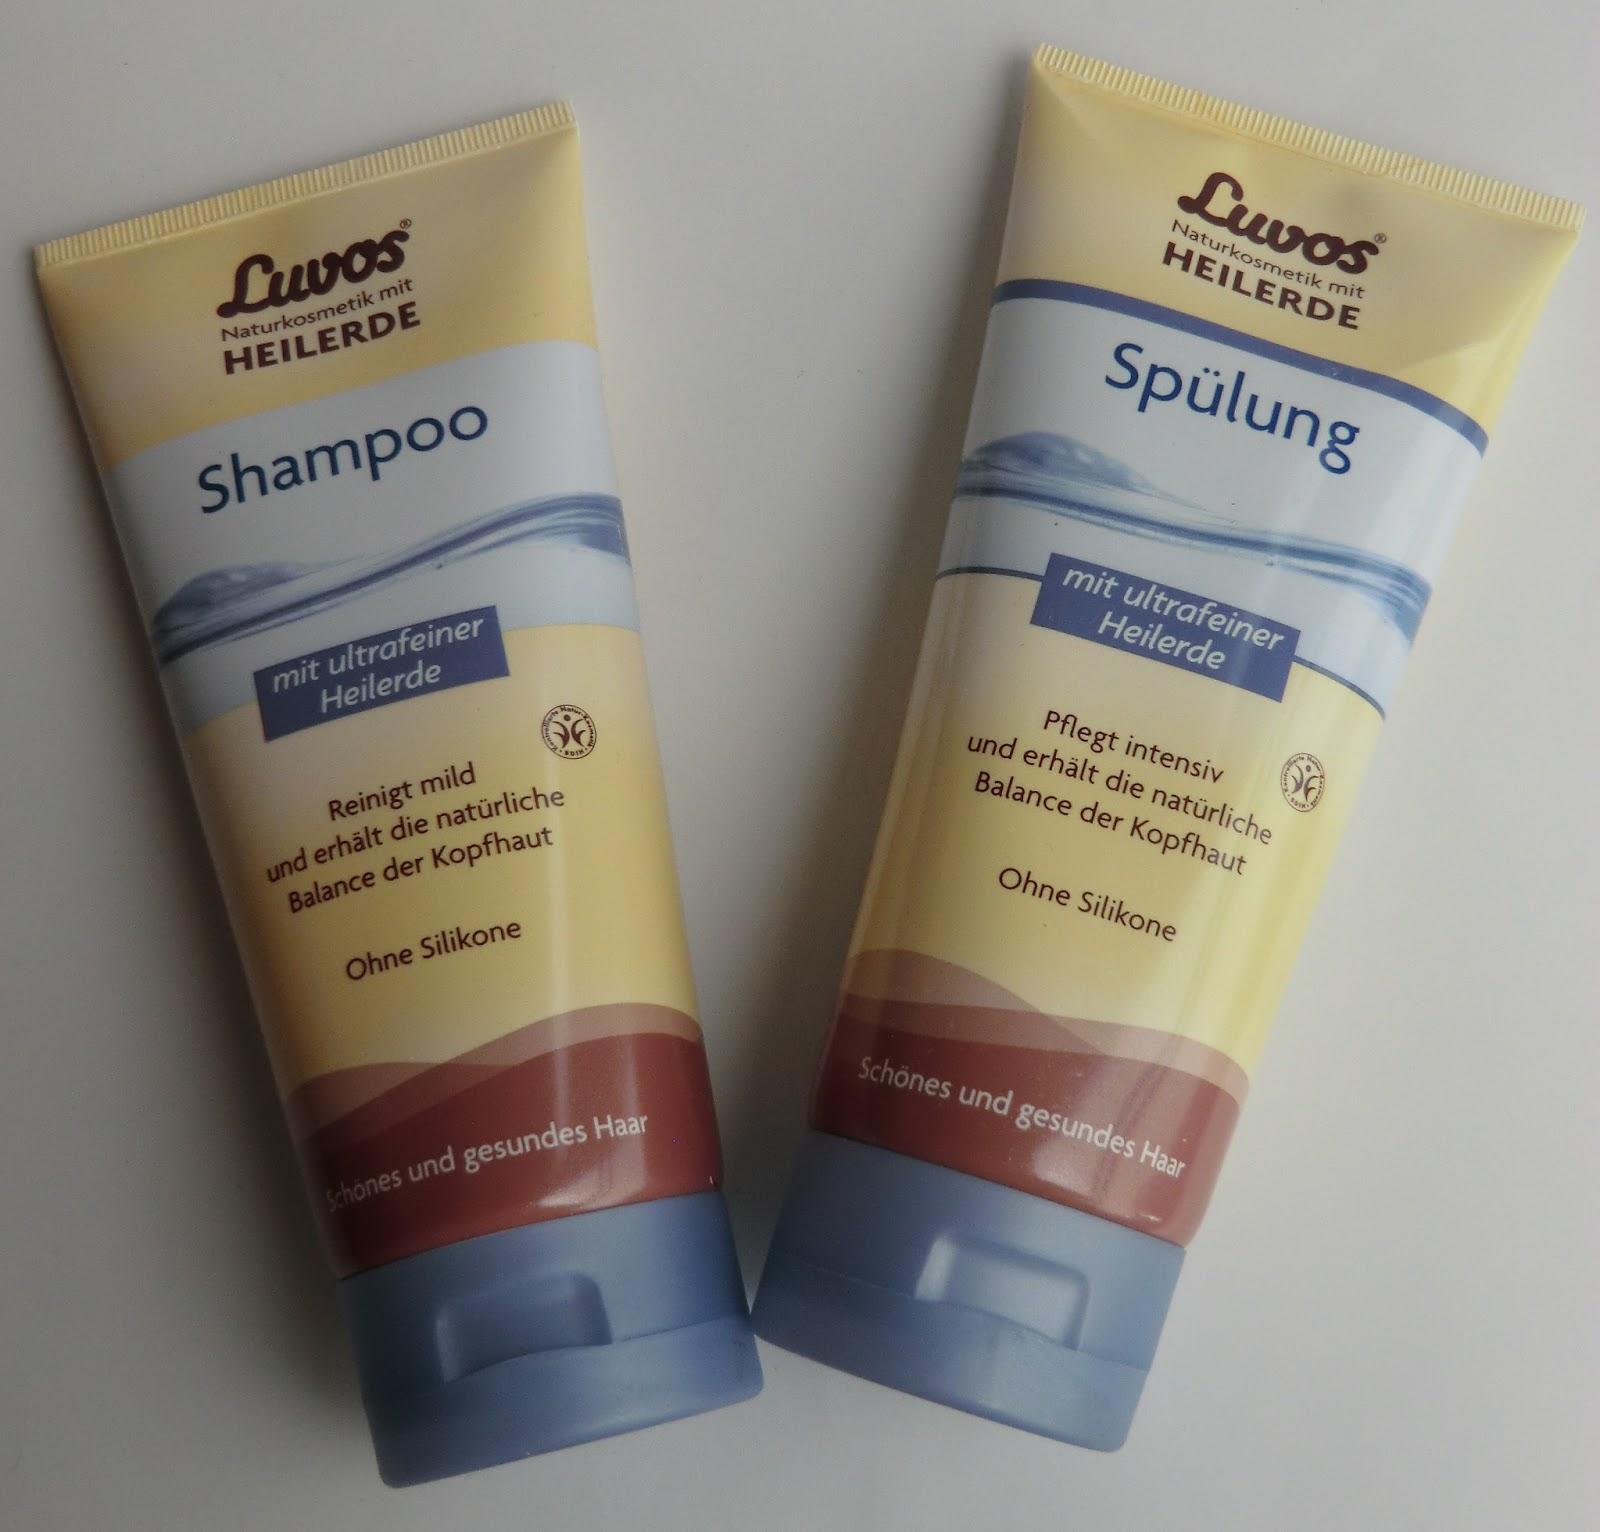 http://lenas-sofa.blogspot.de/2013/12/luvos-shampoo-spulung-mit-naturlicher.html